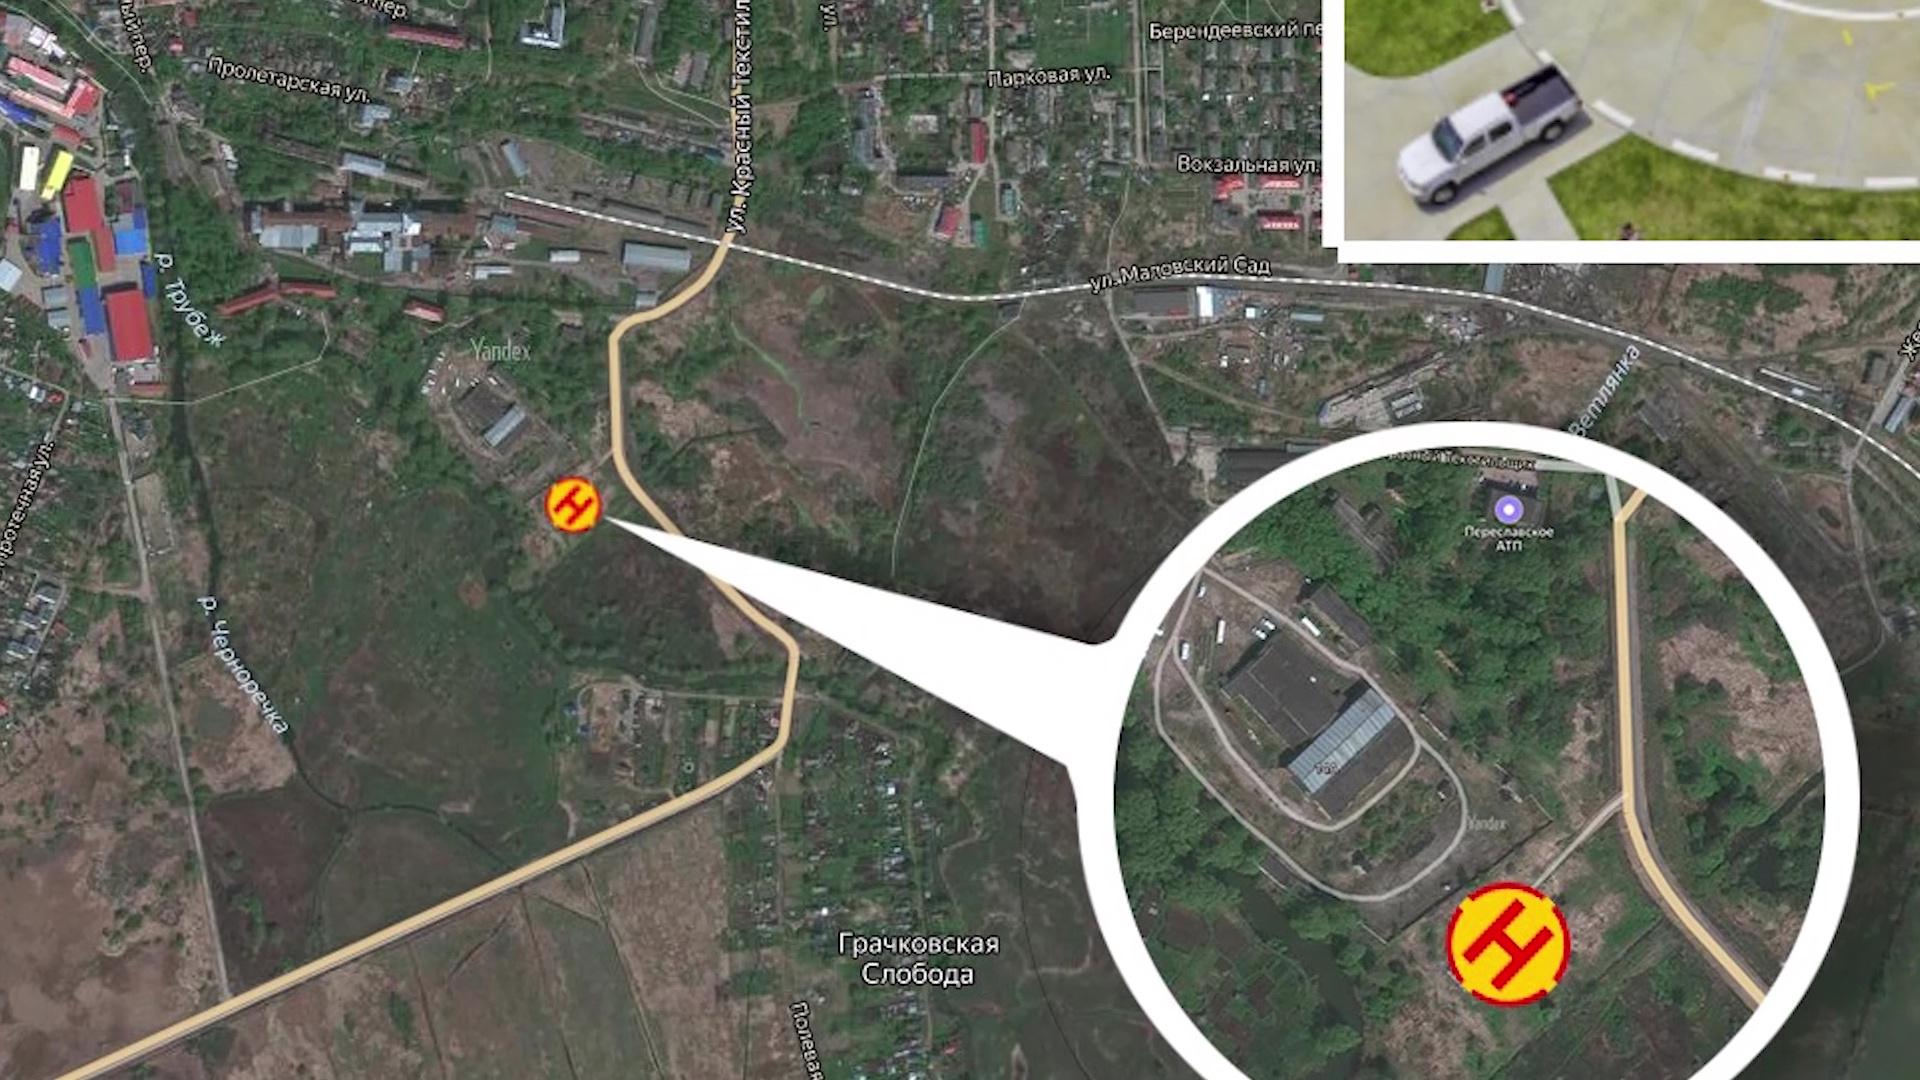 У Переславской ЦРБ может появиться своя вертолётная площадка